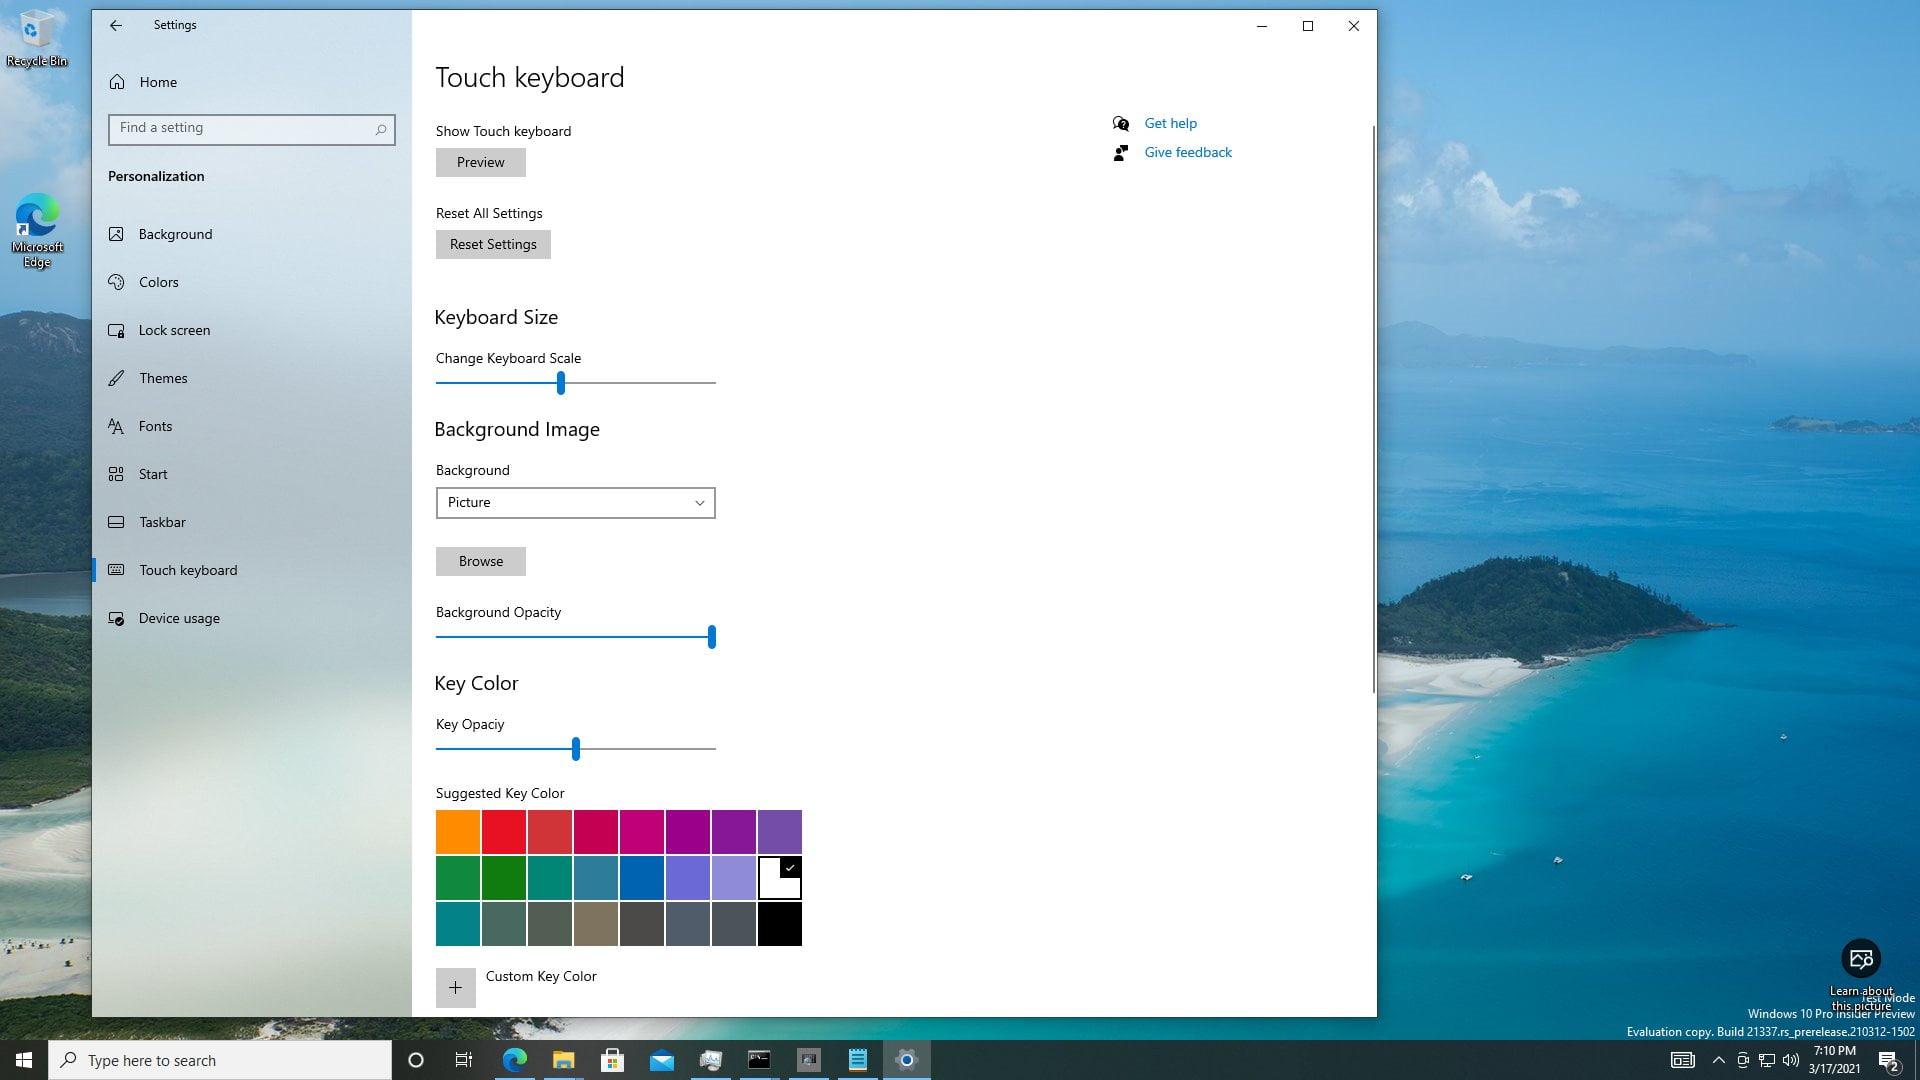 Personalización del nuevo teclado táctil de Windows 10 Sun Valley